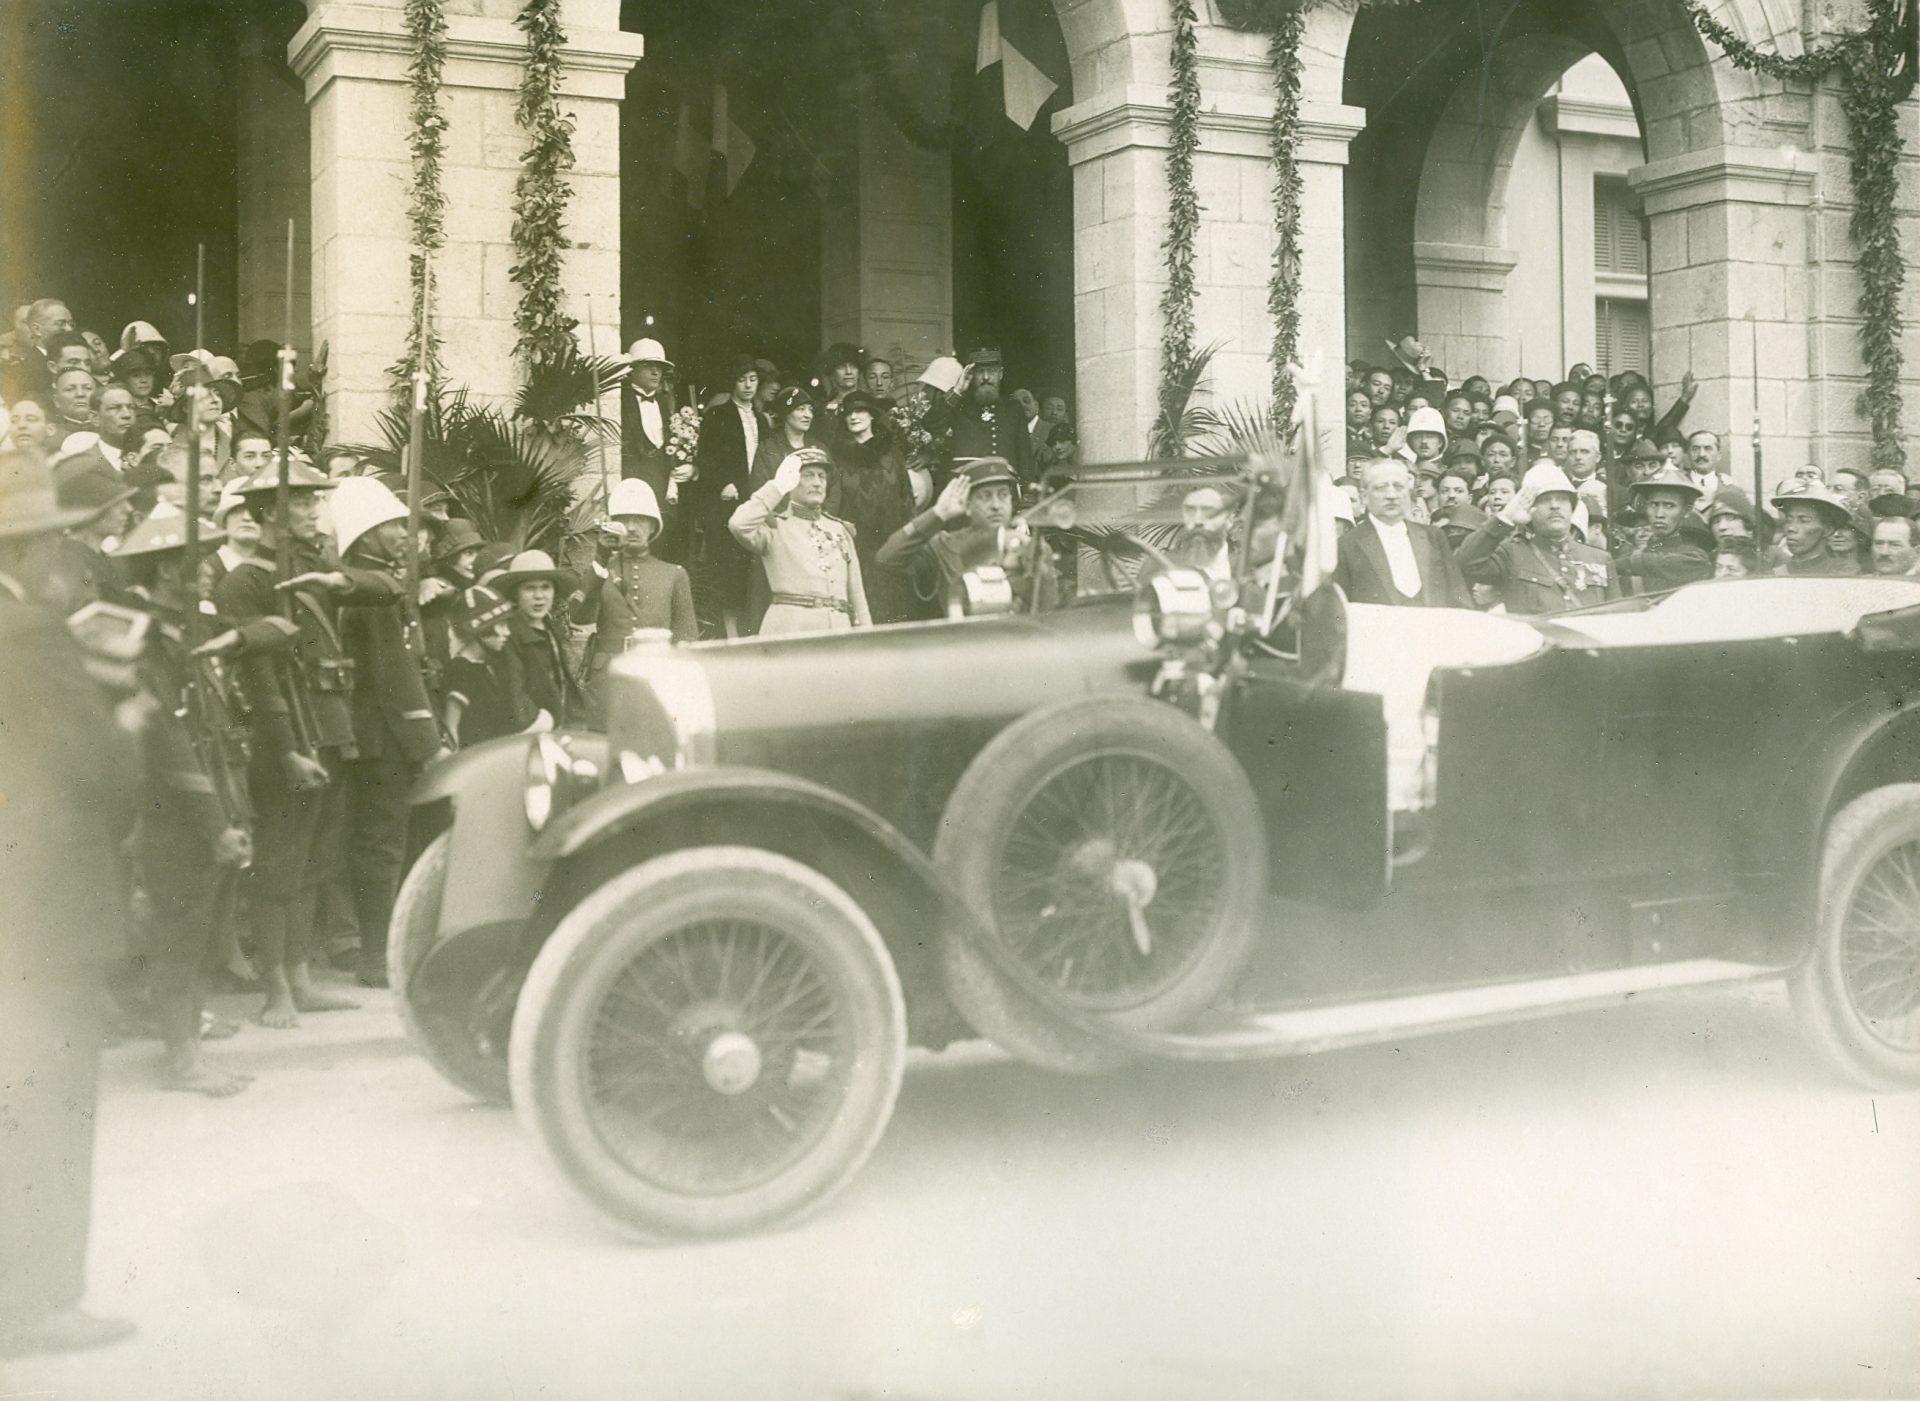 Hanoï: arrivée du Gouverneur Général Varenne à la gare, sa tête est en partie masquée par le pare-brise entrouvert. Marguerite Migeot et Mme Première Varenne sont sur cette photo, sous l'arche.